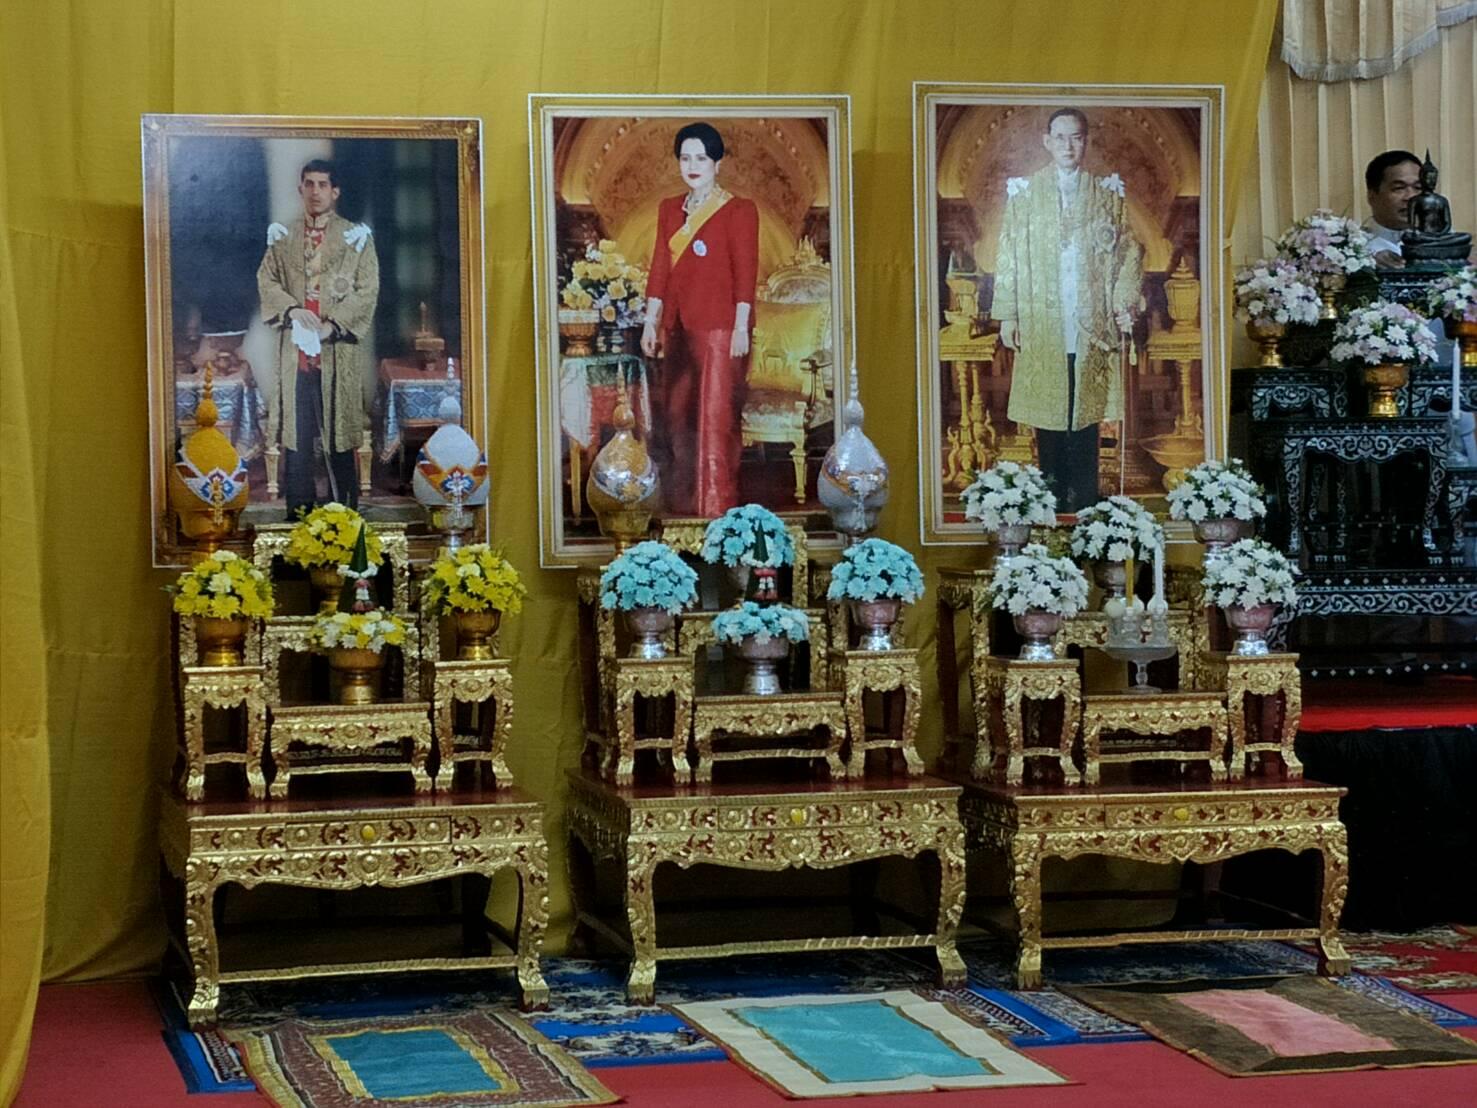 พิธีเจริญพระพุทธมนต์ถวายถวายพระราชกุศลพระบาทสมเด็จพระปรมินทร มหาภูมิพล อดุลเดช บรมนาถบพิต